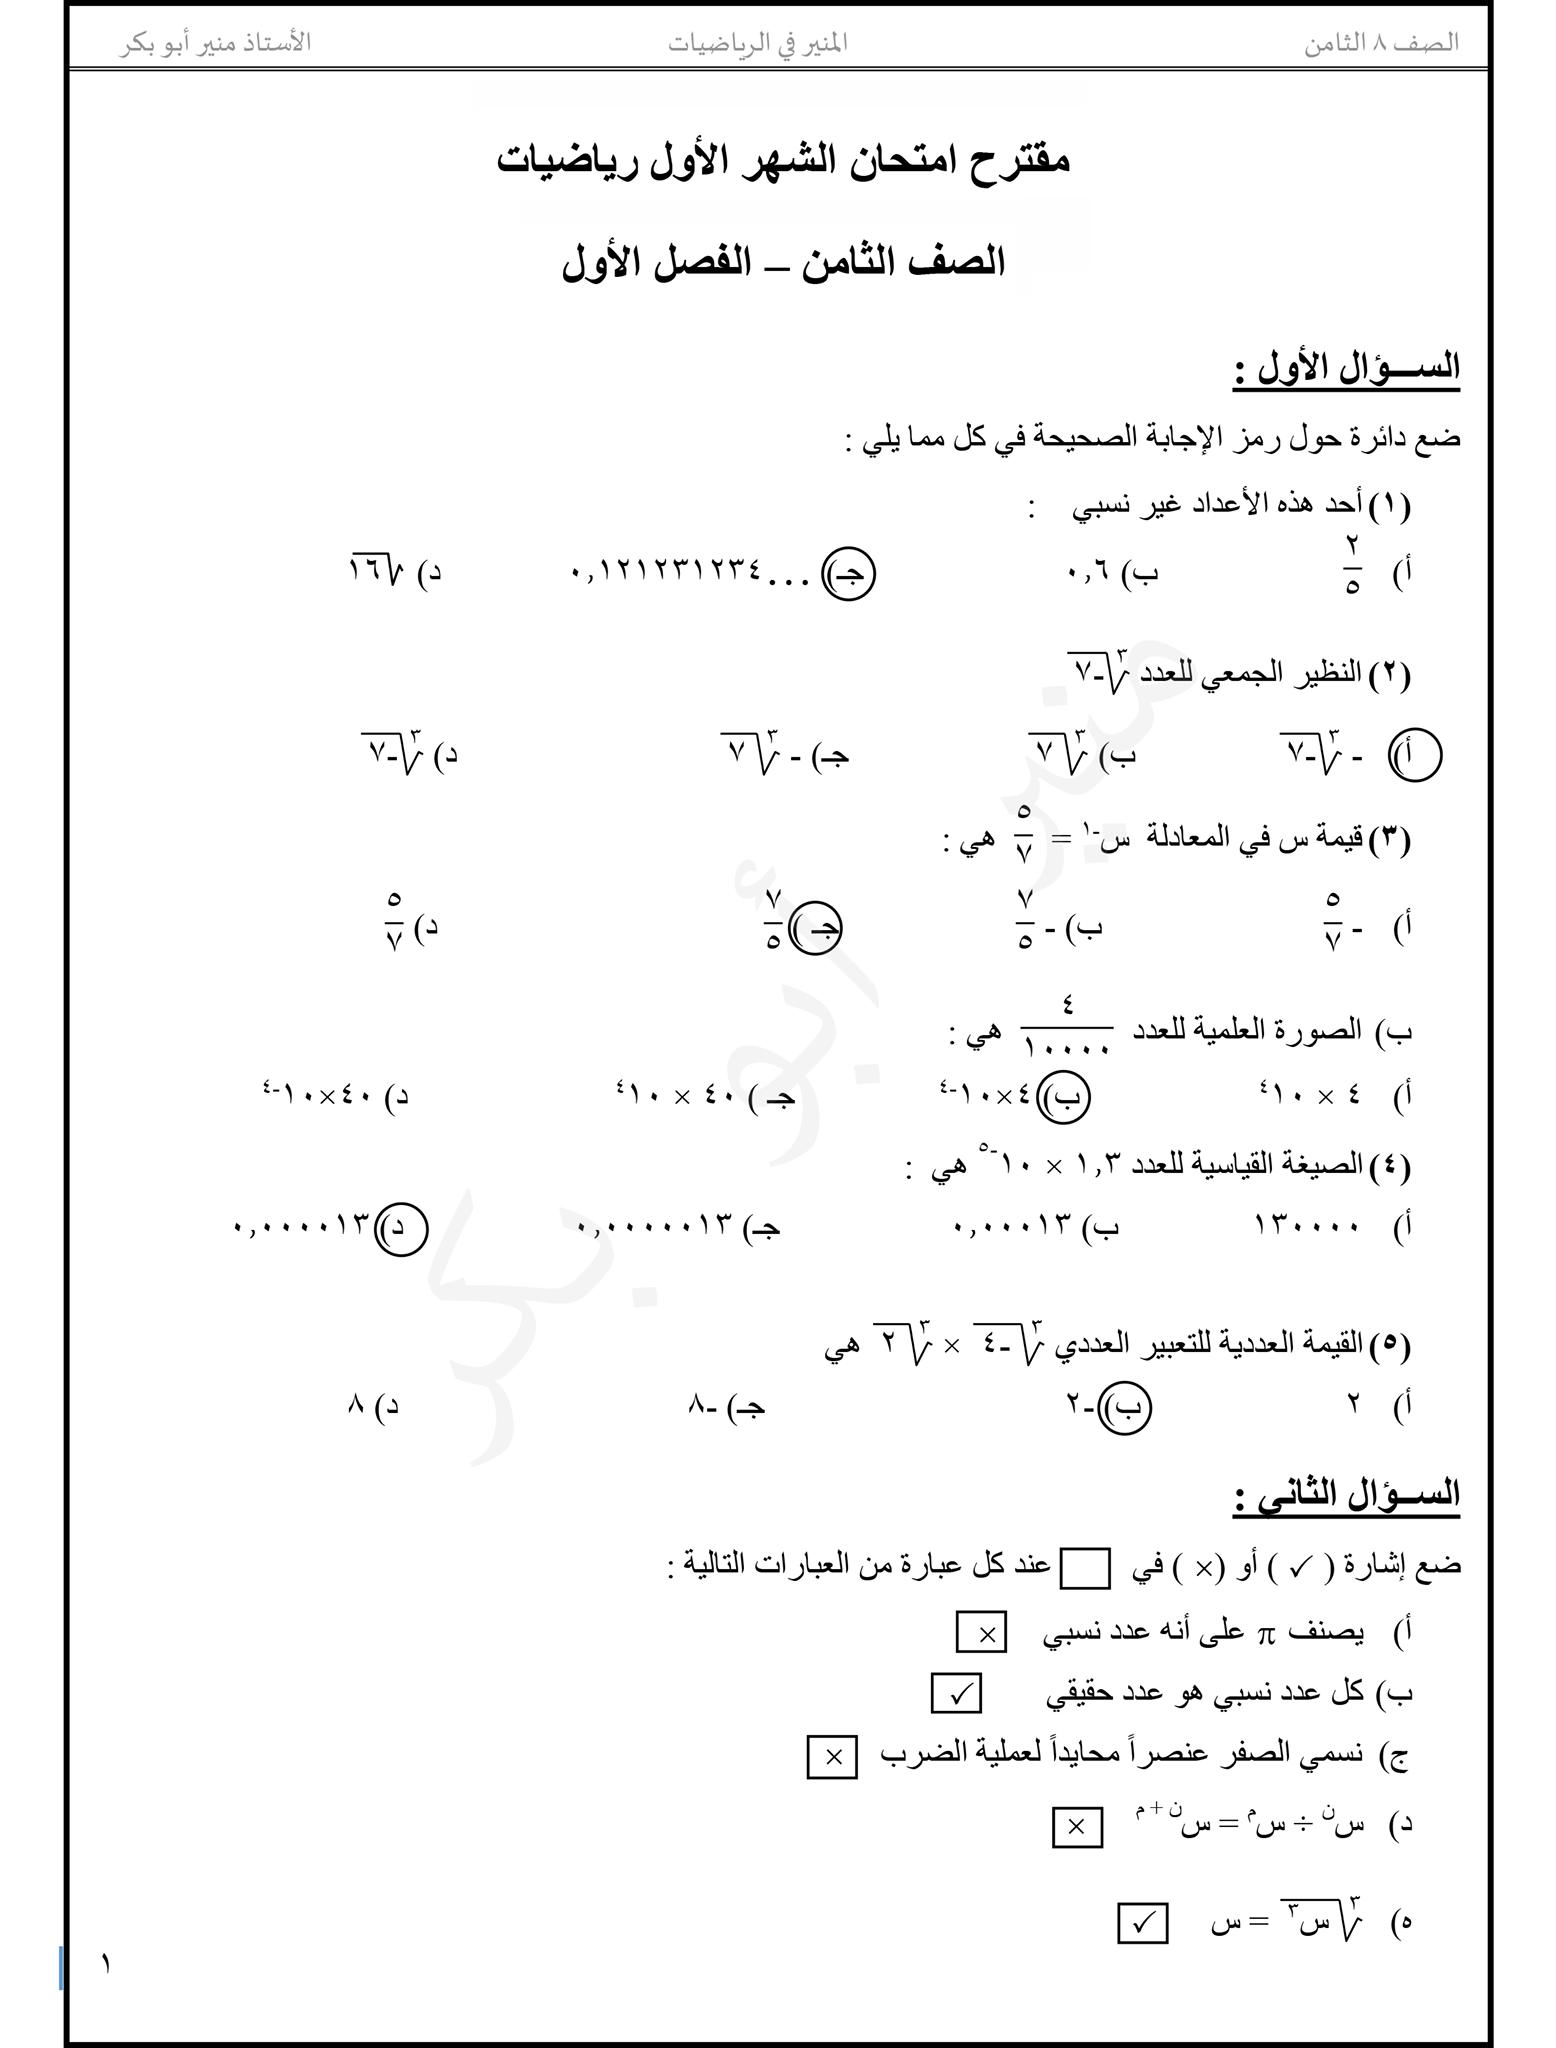 امتحان رياضيات شهر اول للصف الثامن الفصل الاول 2020